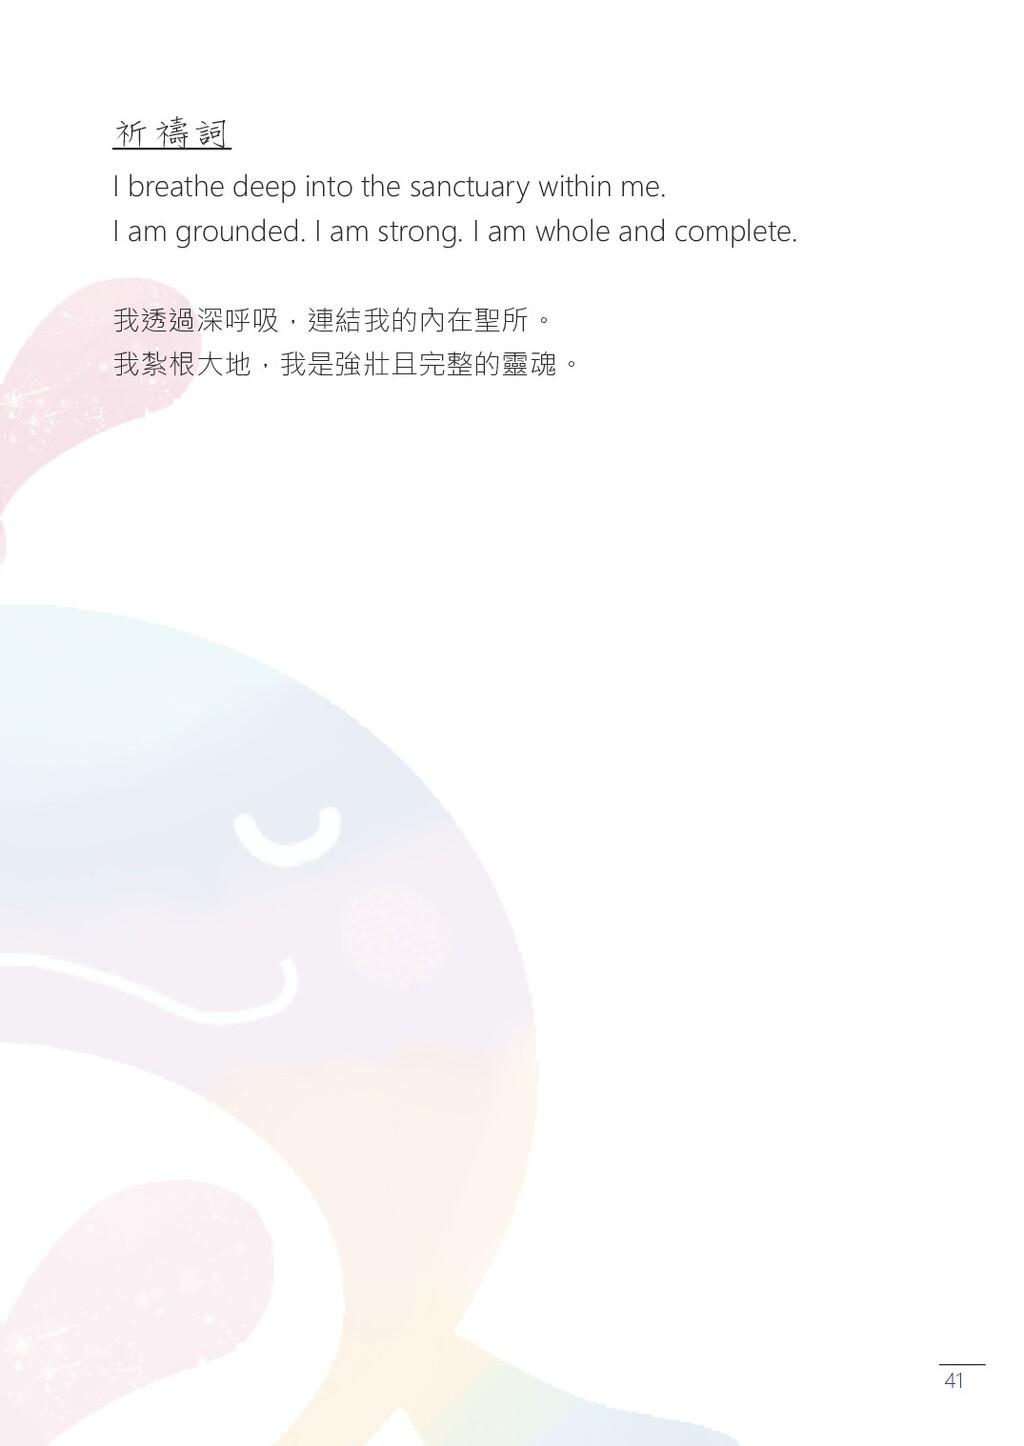 41 祈禱詞 I breathe deep into the sanctuary within...